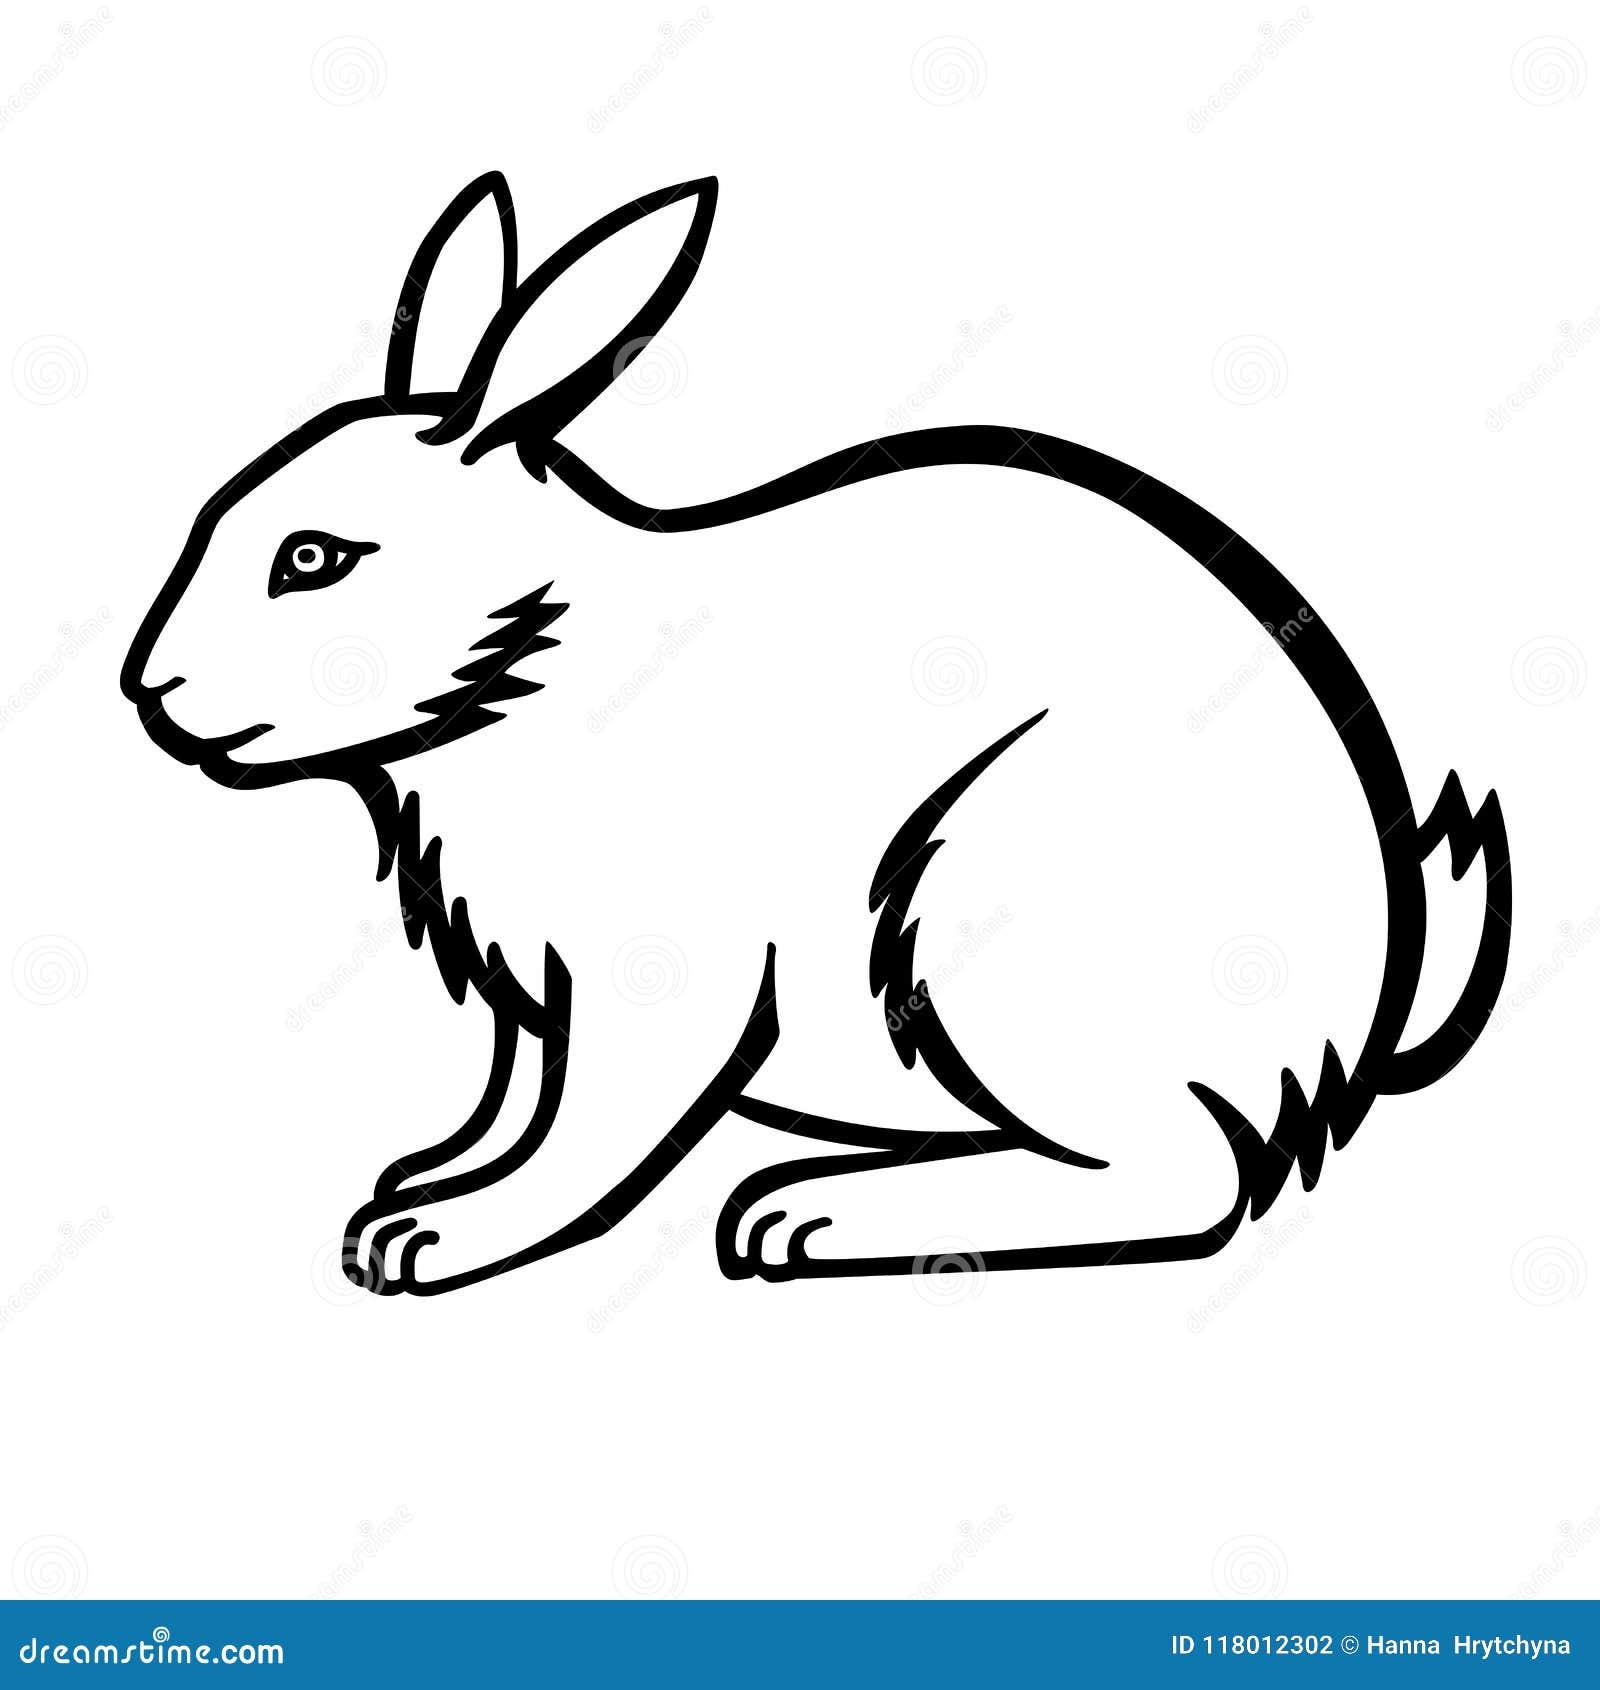 Coniglio Elemento Del Coniglio Per Il Libro Da Colorare Disegno Lineare Di Un Coniglietto Modello Per Colorare Illustrazione Vettoriale Illustrazione Di Colorazione Elemento 118012302